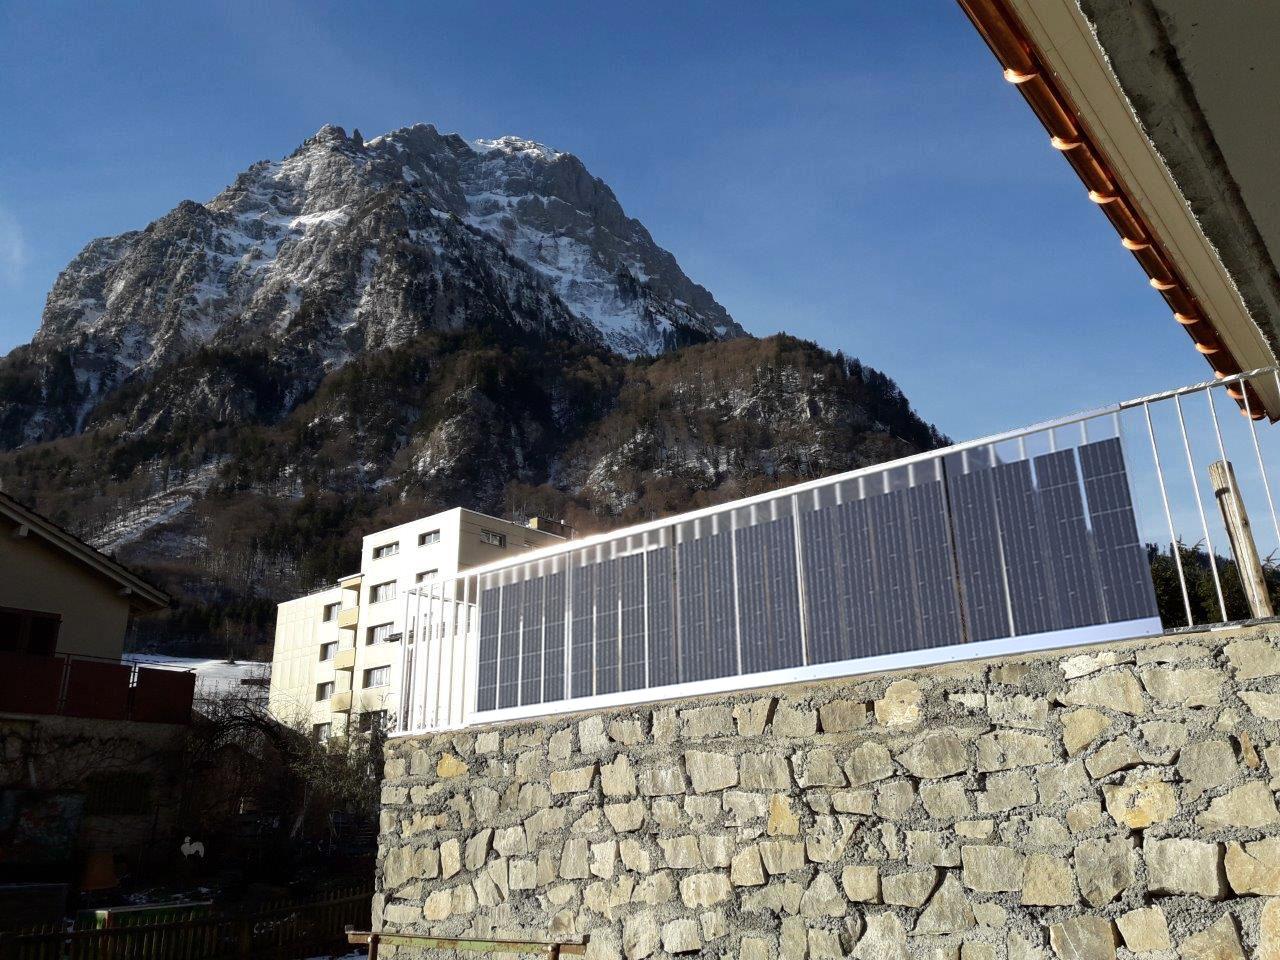 Solargeländer mit Berg